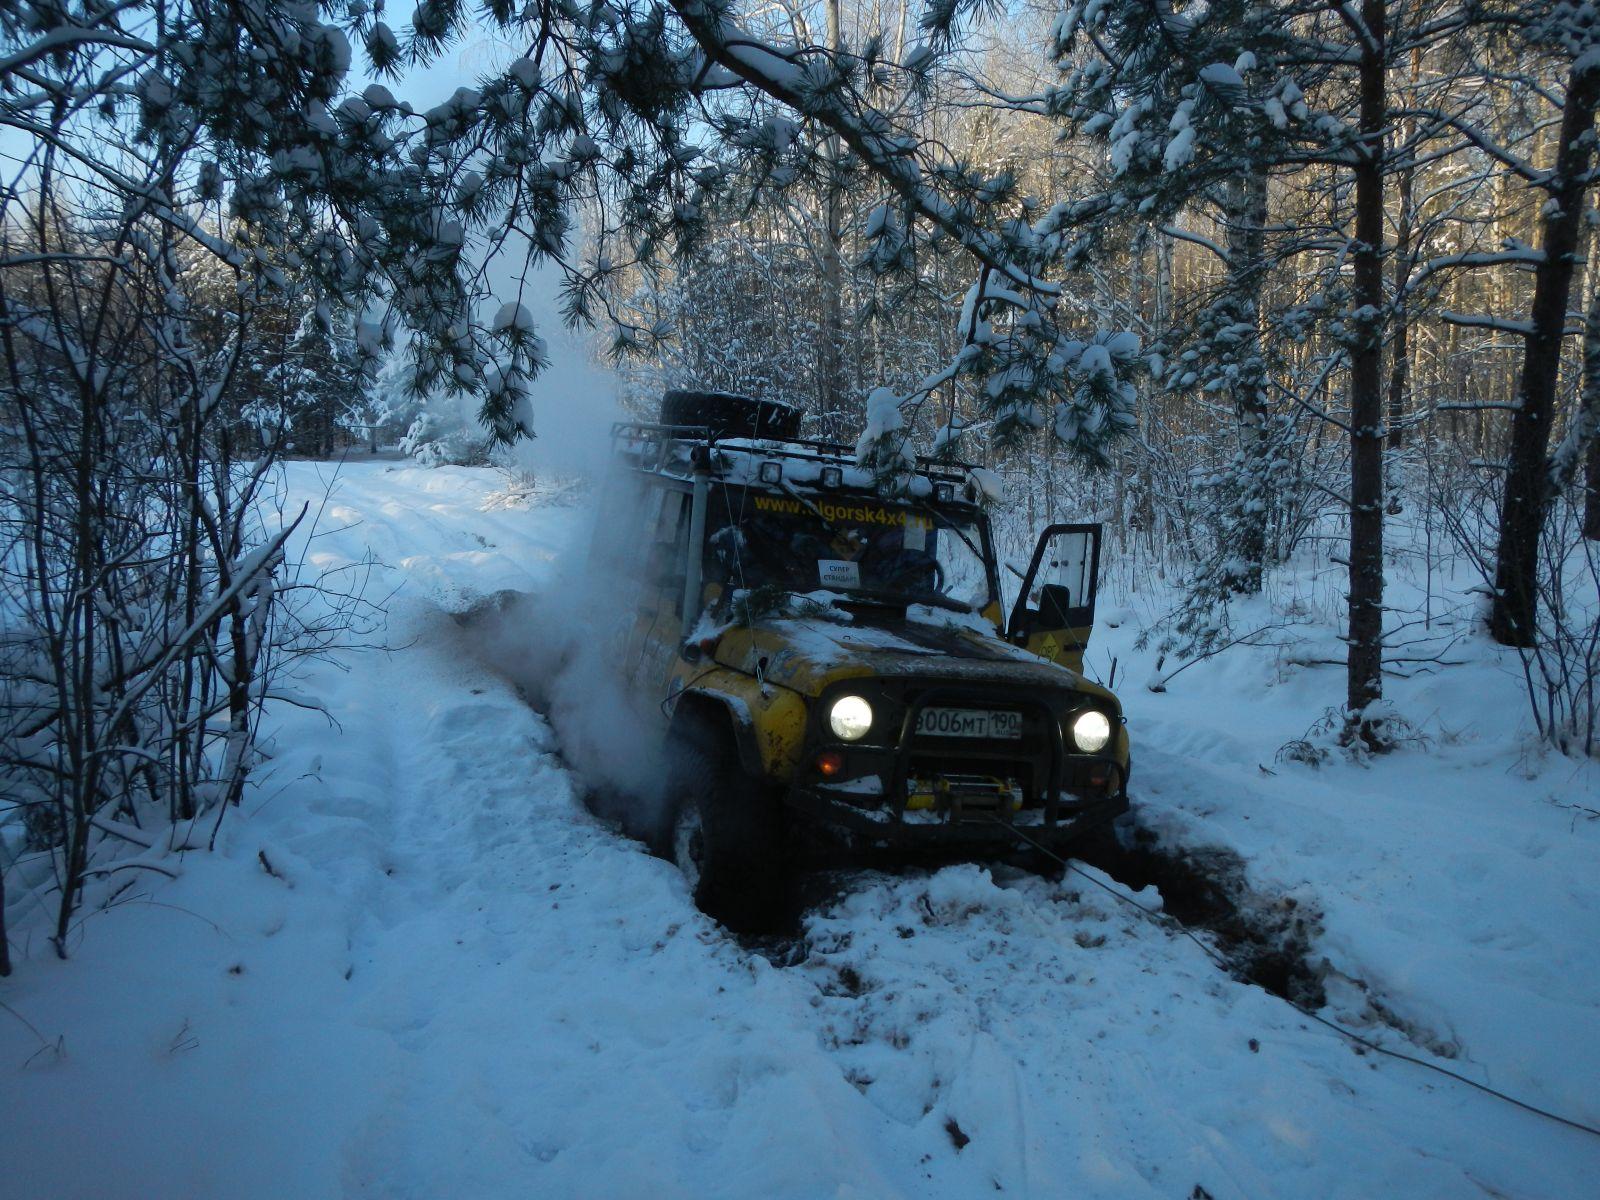 Зимний внедорожный путь